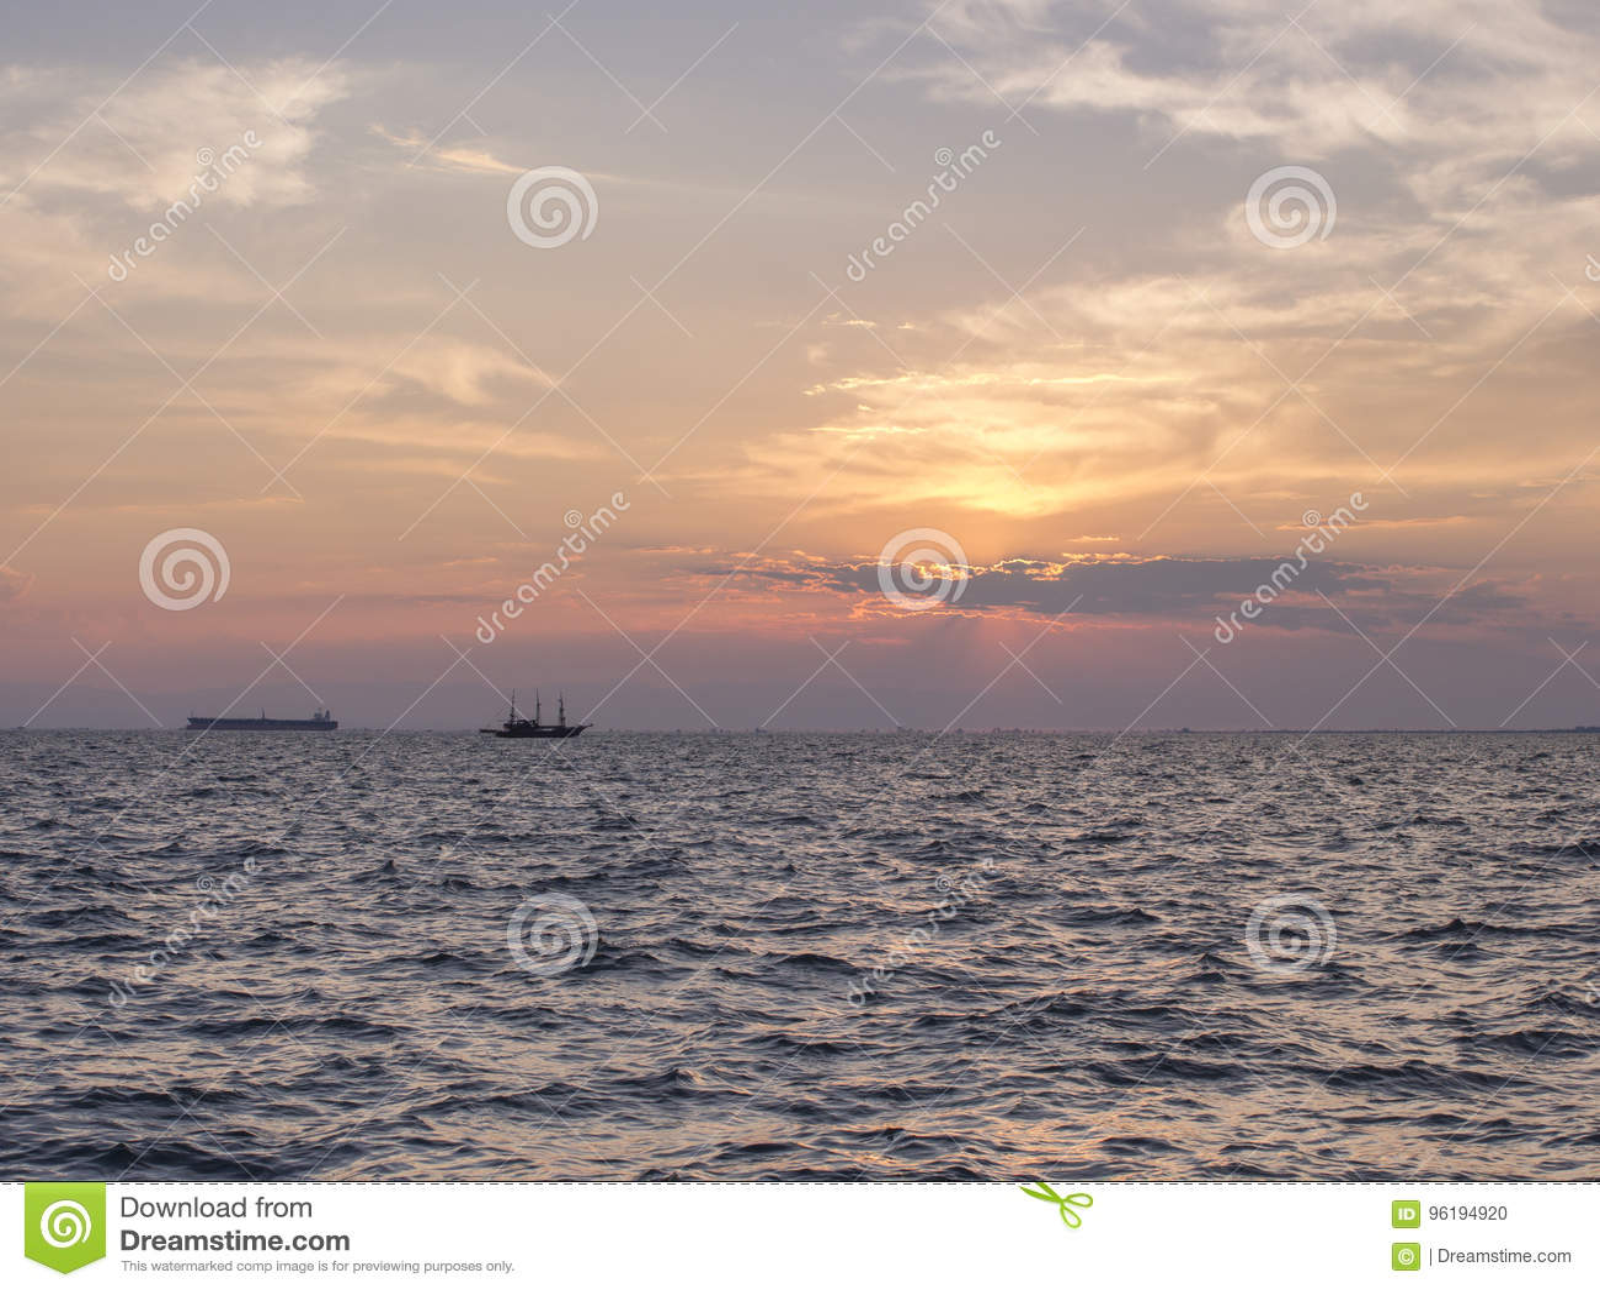 Ein Sonnenuntergang über dem Meer mit zwei Schattenbildern von Schiffen